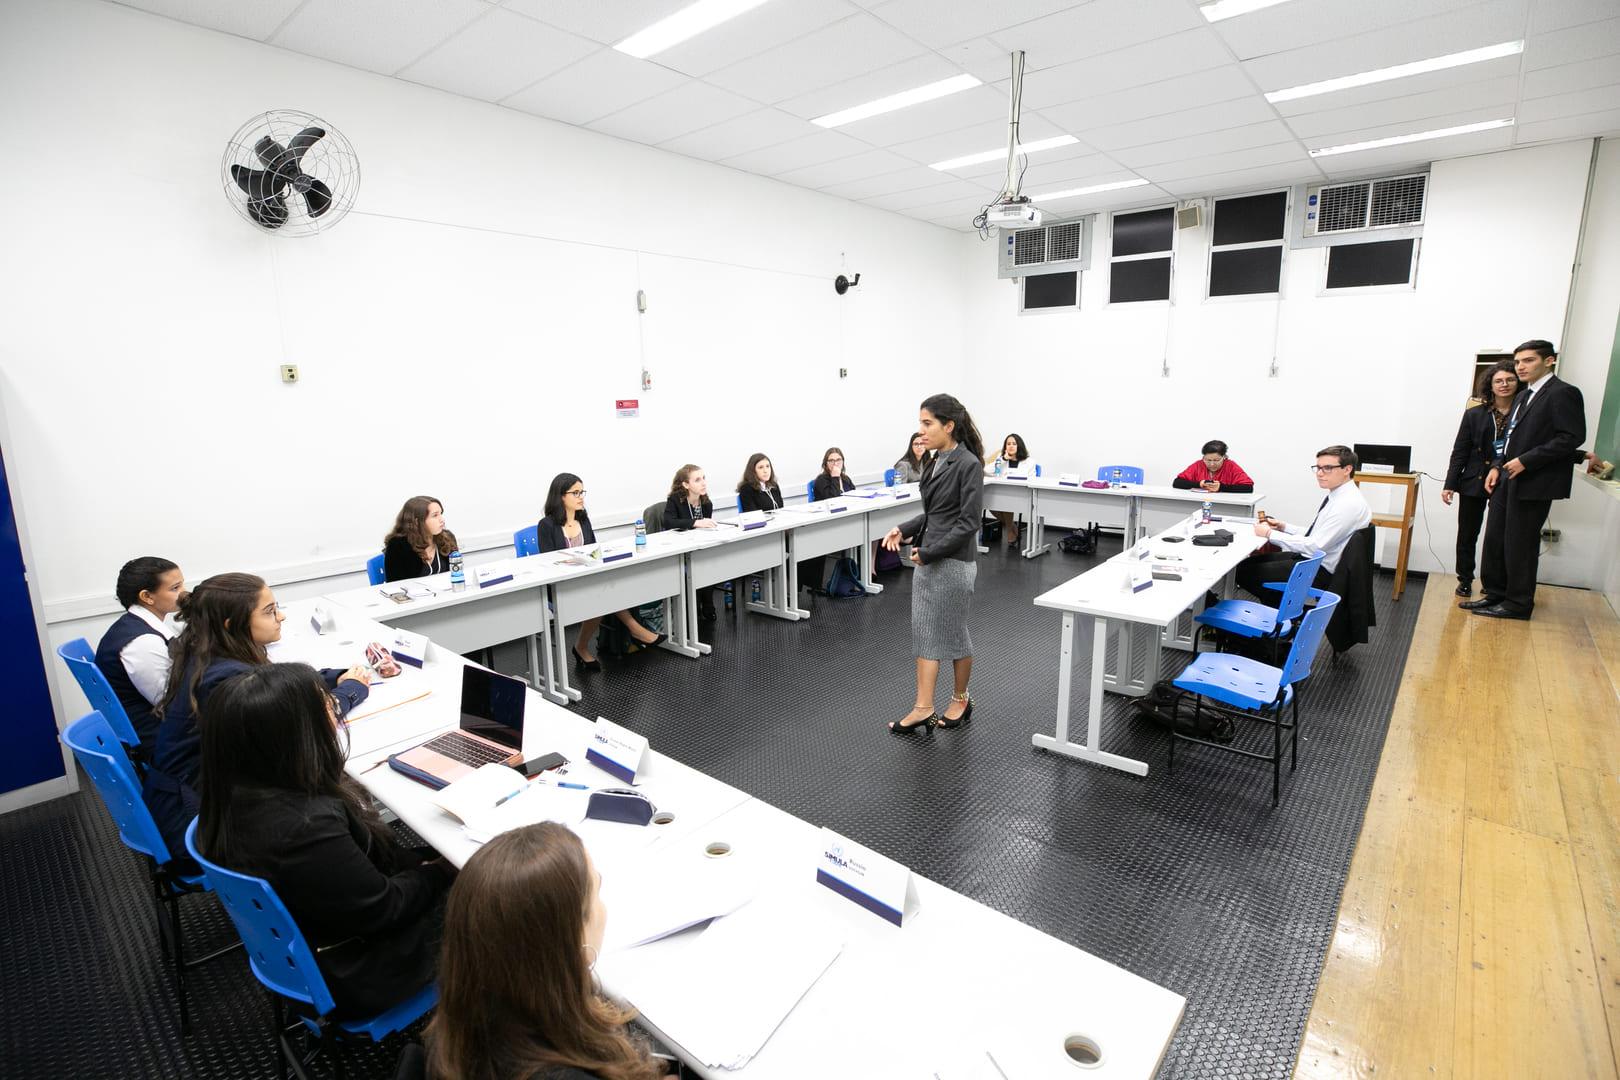 III Simula Etapa propõe reflexão sobre direitos humanos e o vazamento de dados virtuais.